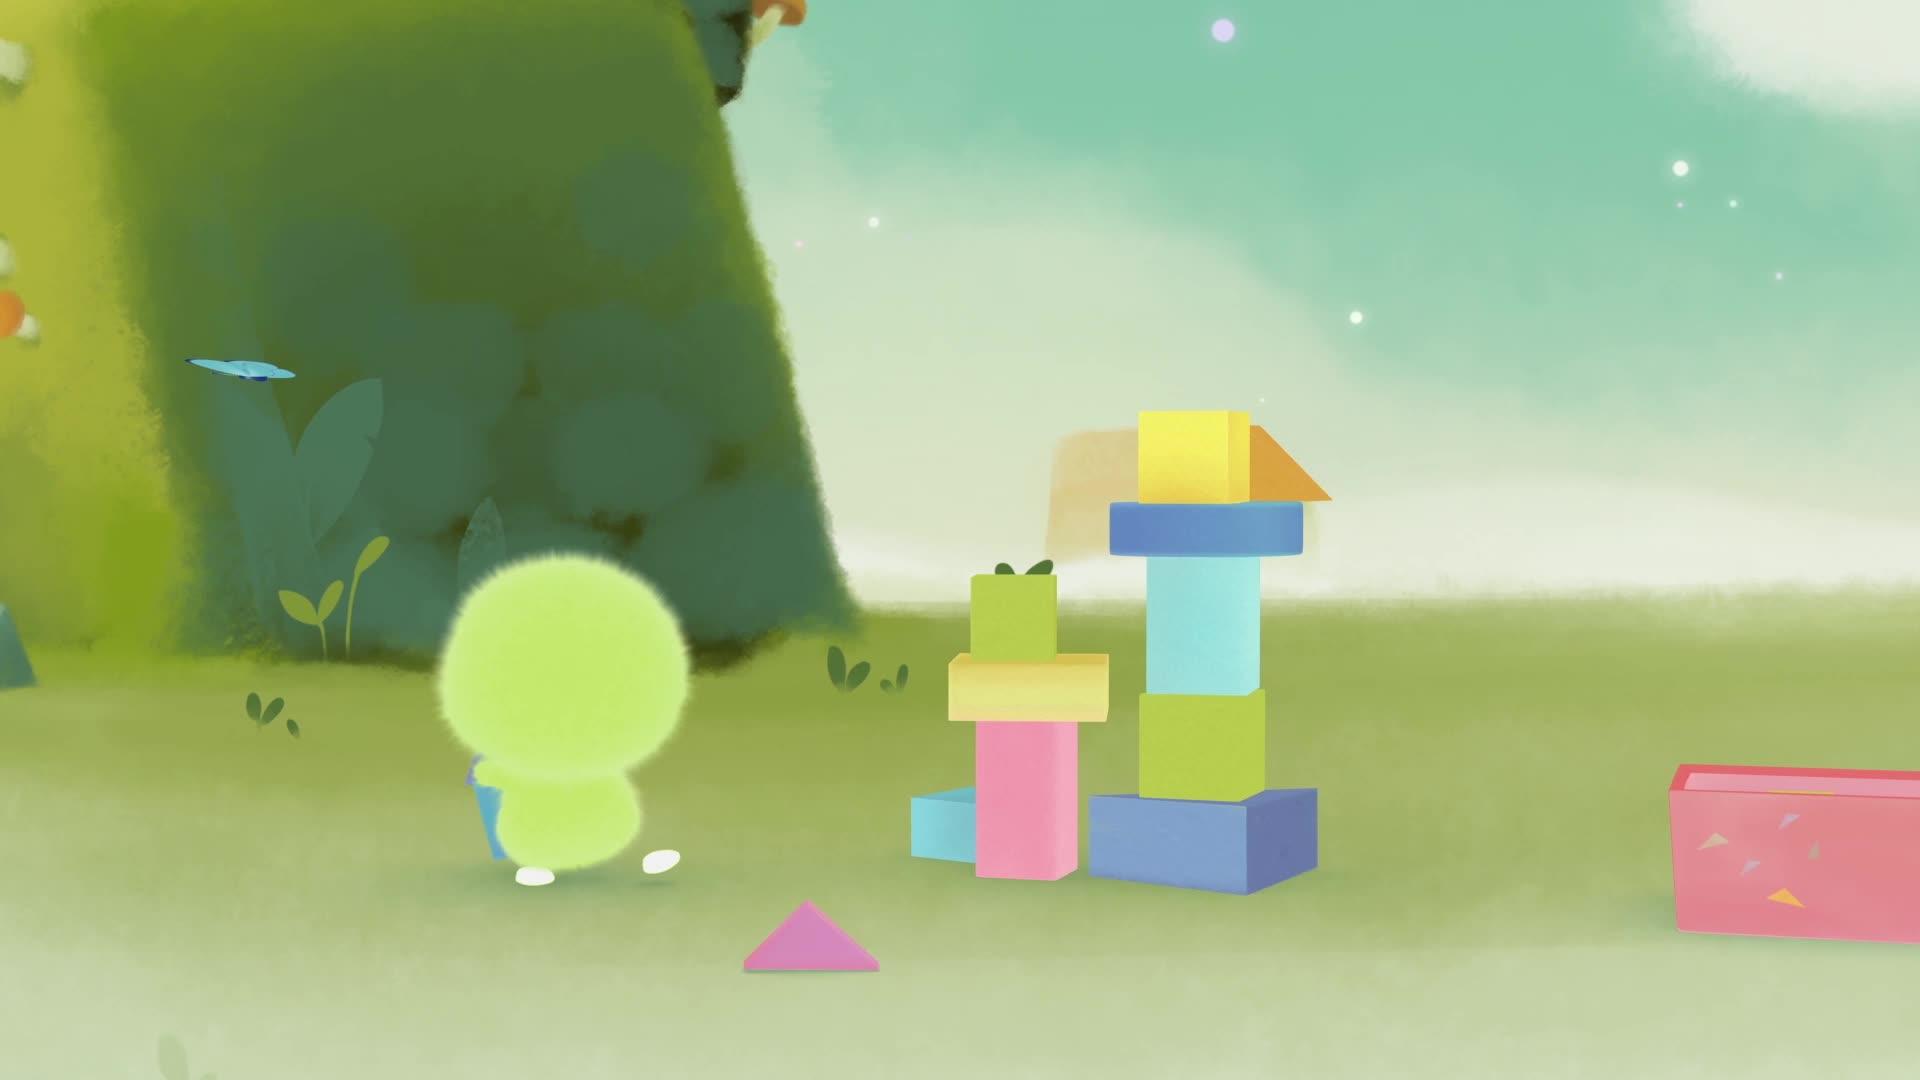 《小鸡彩虹》 第六季 13积木的惩罚